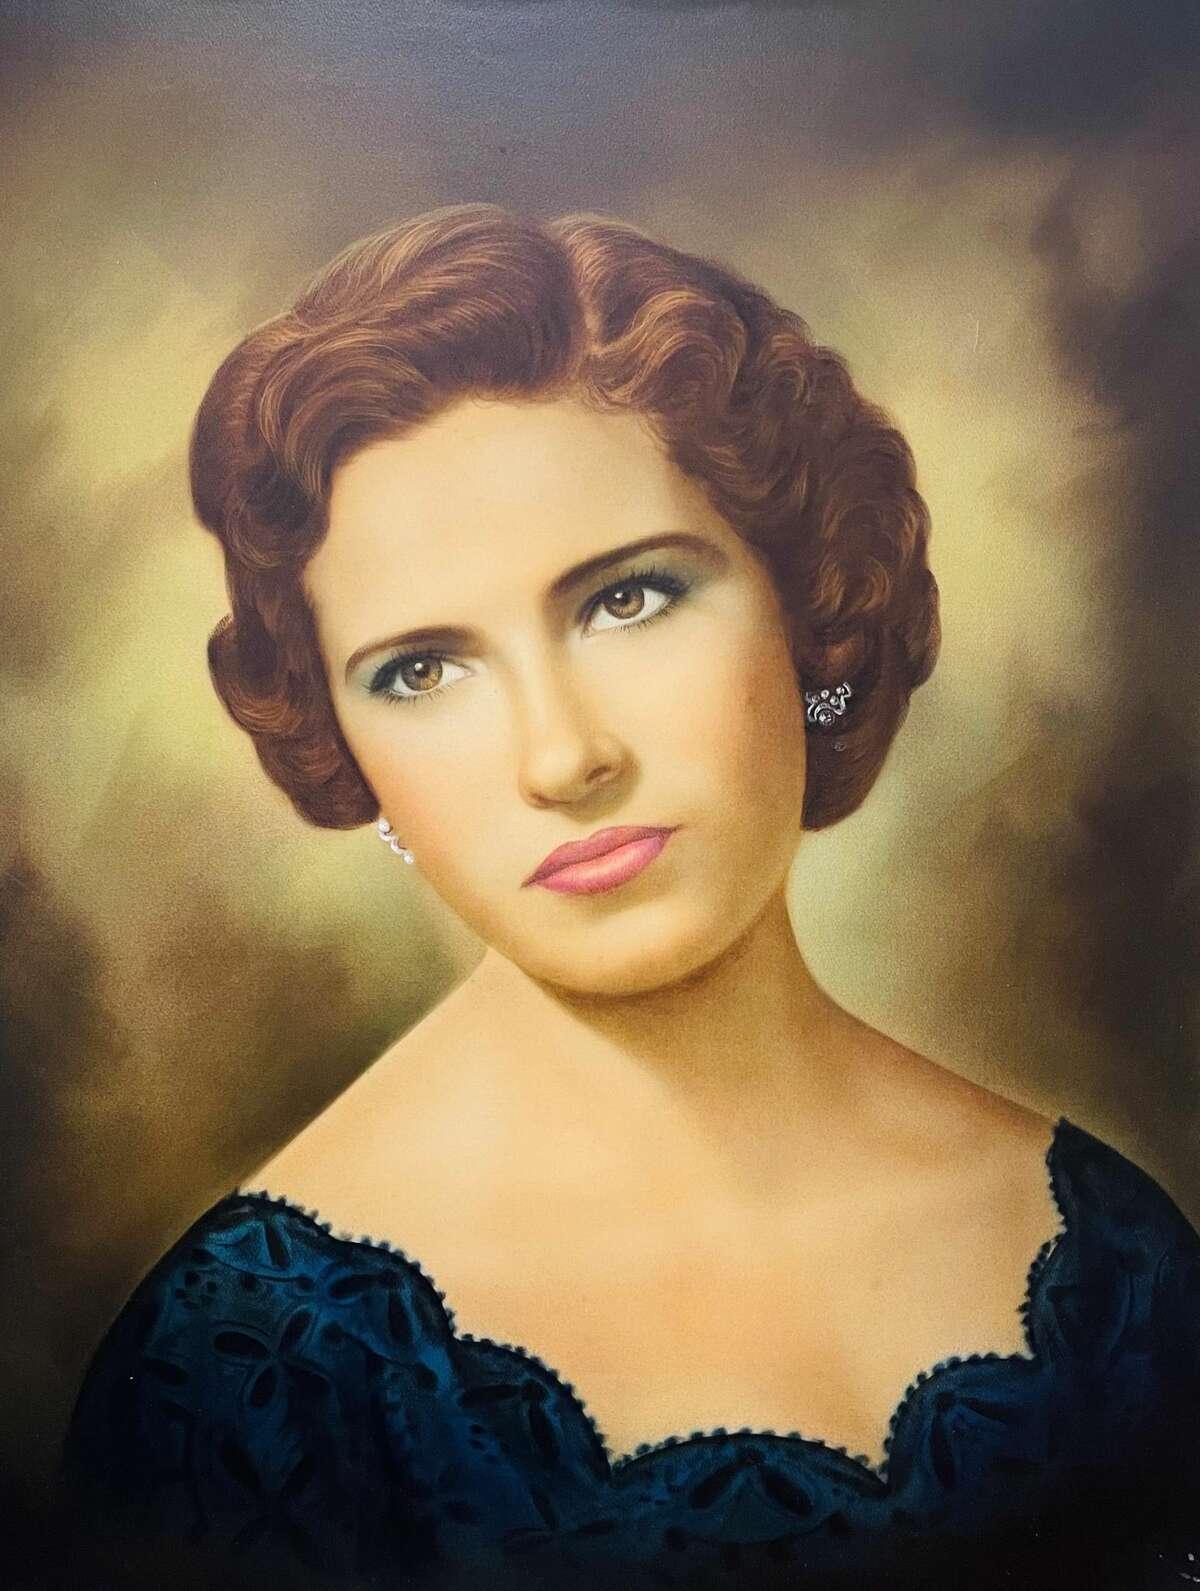 Julieta G. Cuellar